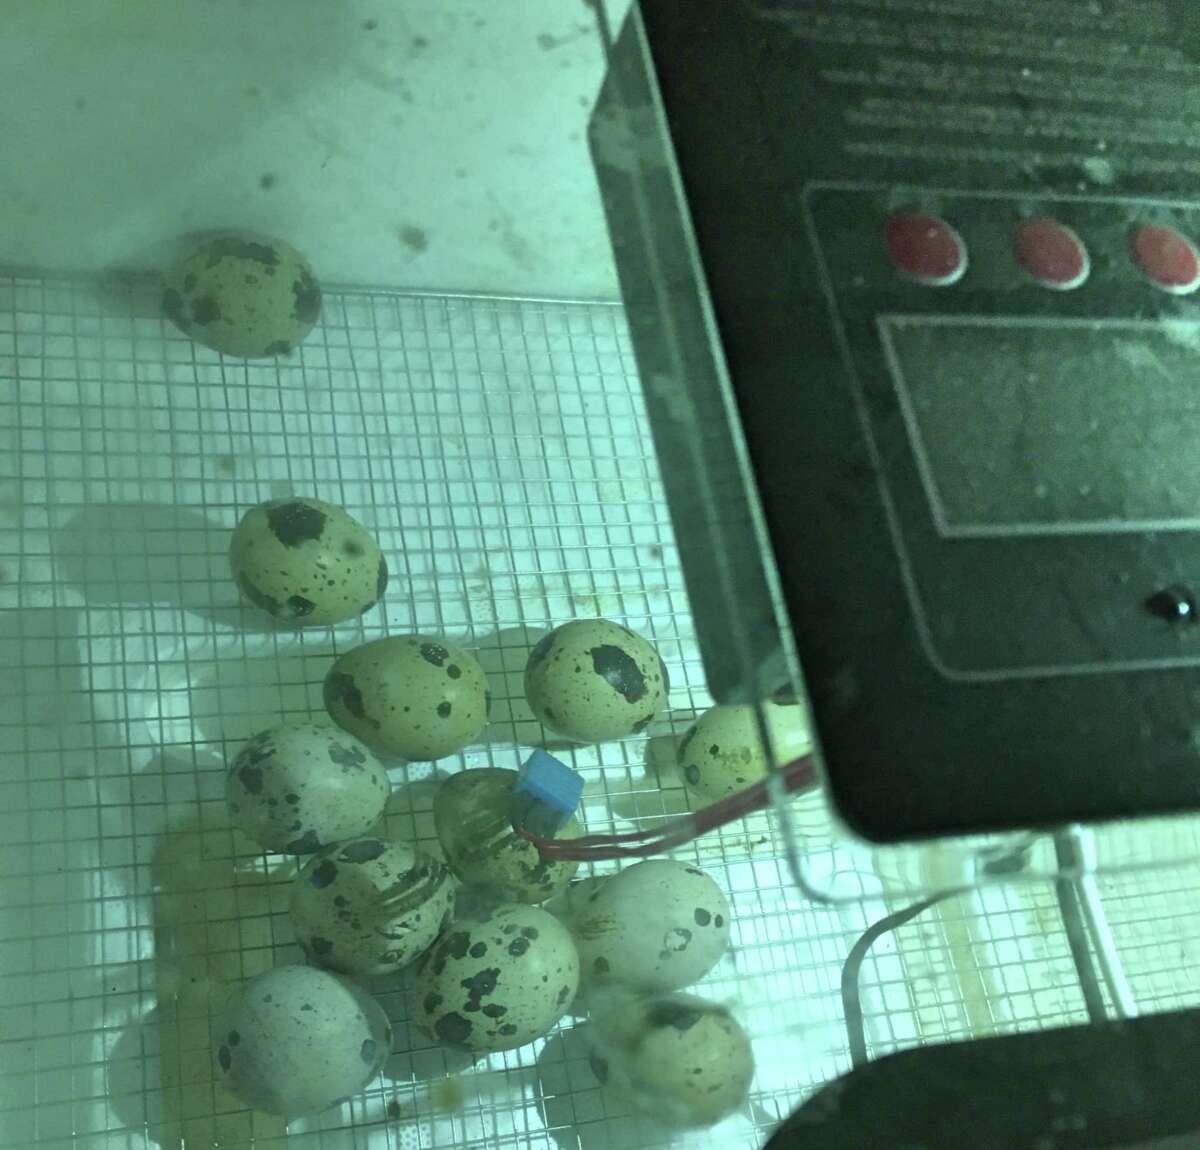 Quail eggs sit in an incubator at Fairview Farm in Wilton.